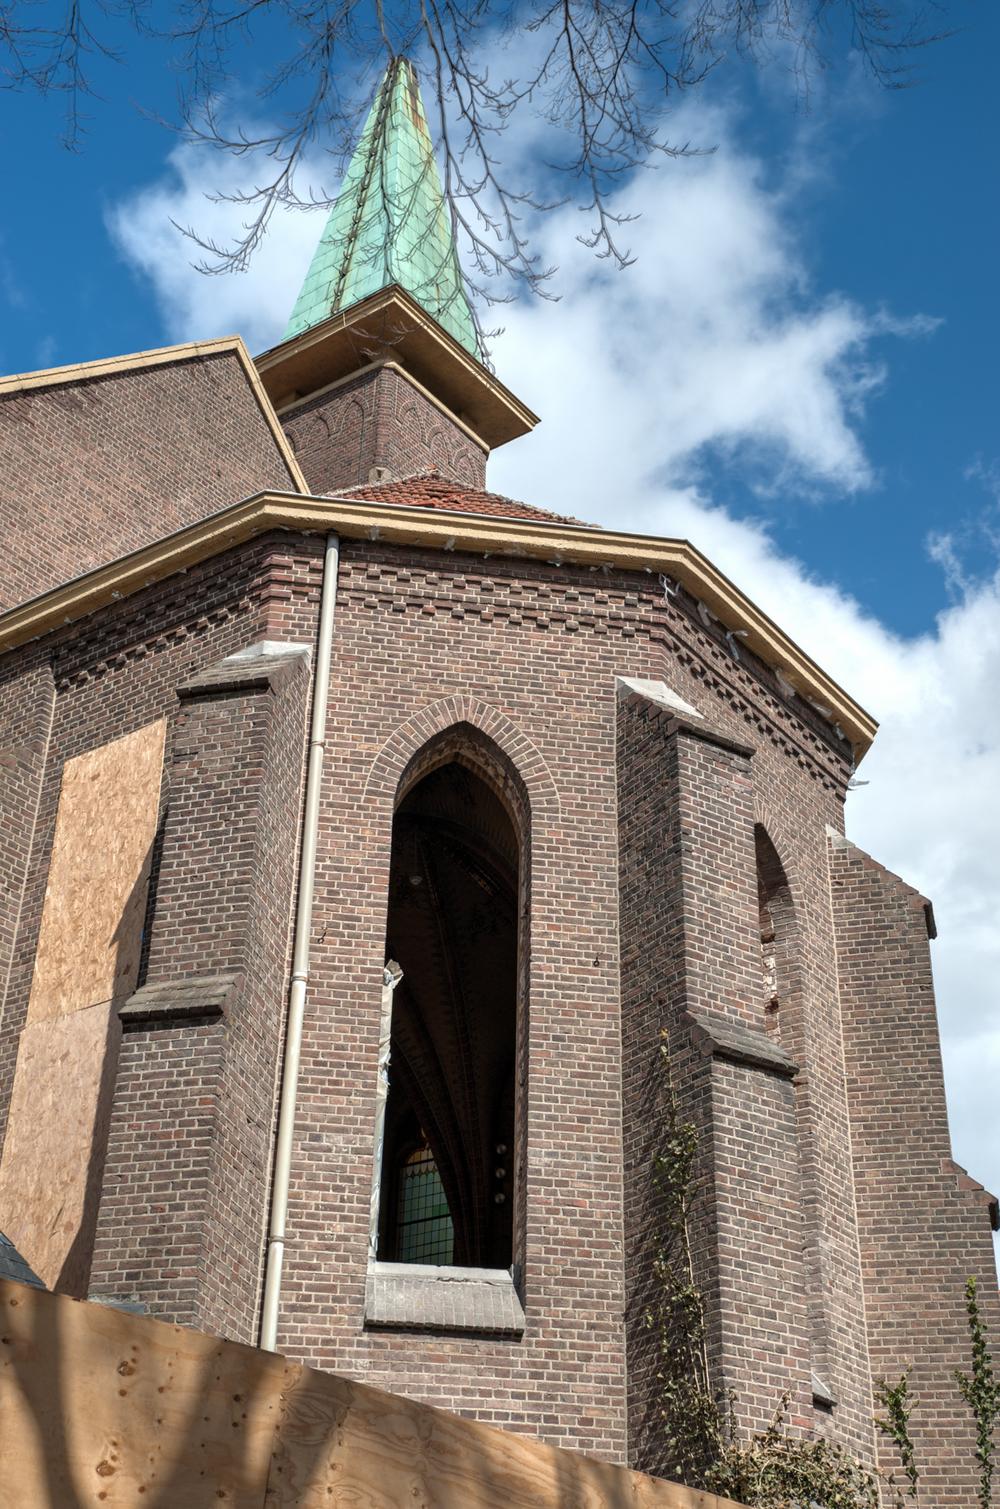 Rector_Driessenstraat-73.jpg